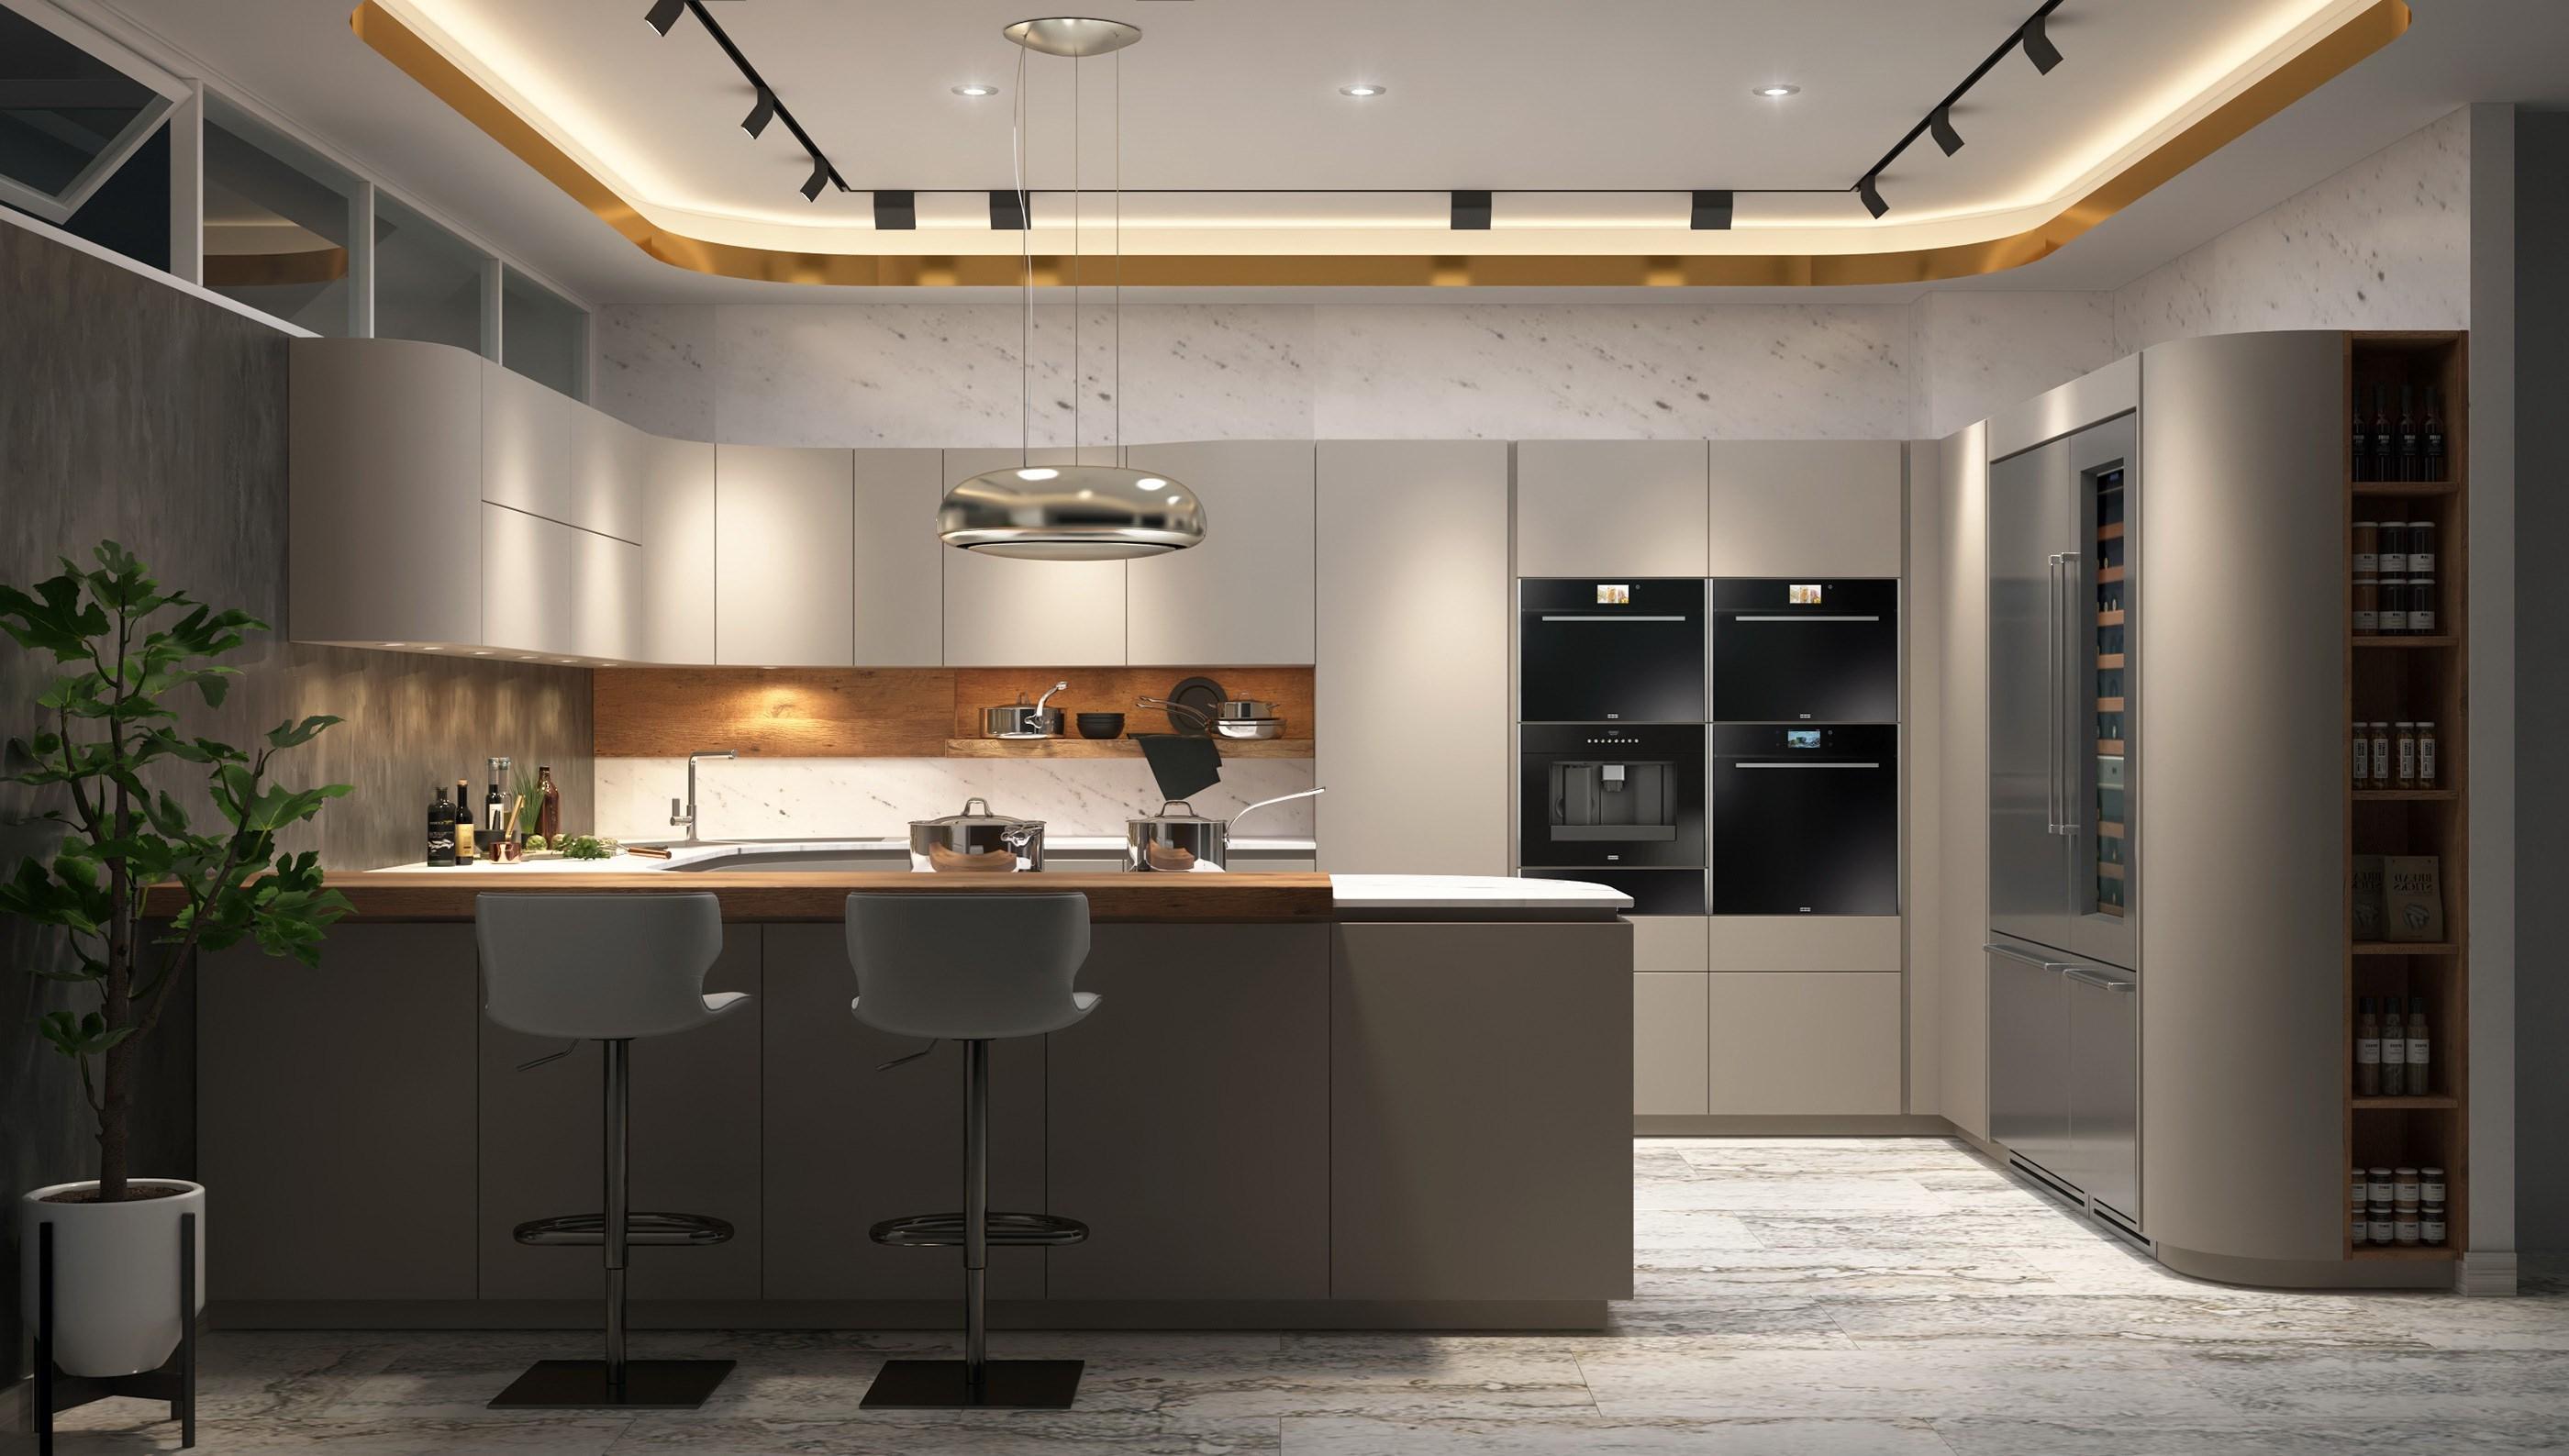 Customized Modern Style Acrylic Kitchen Cabinets China Kitchen Cabinets